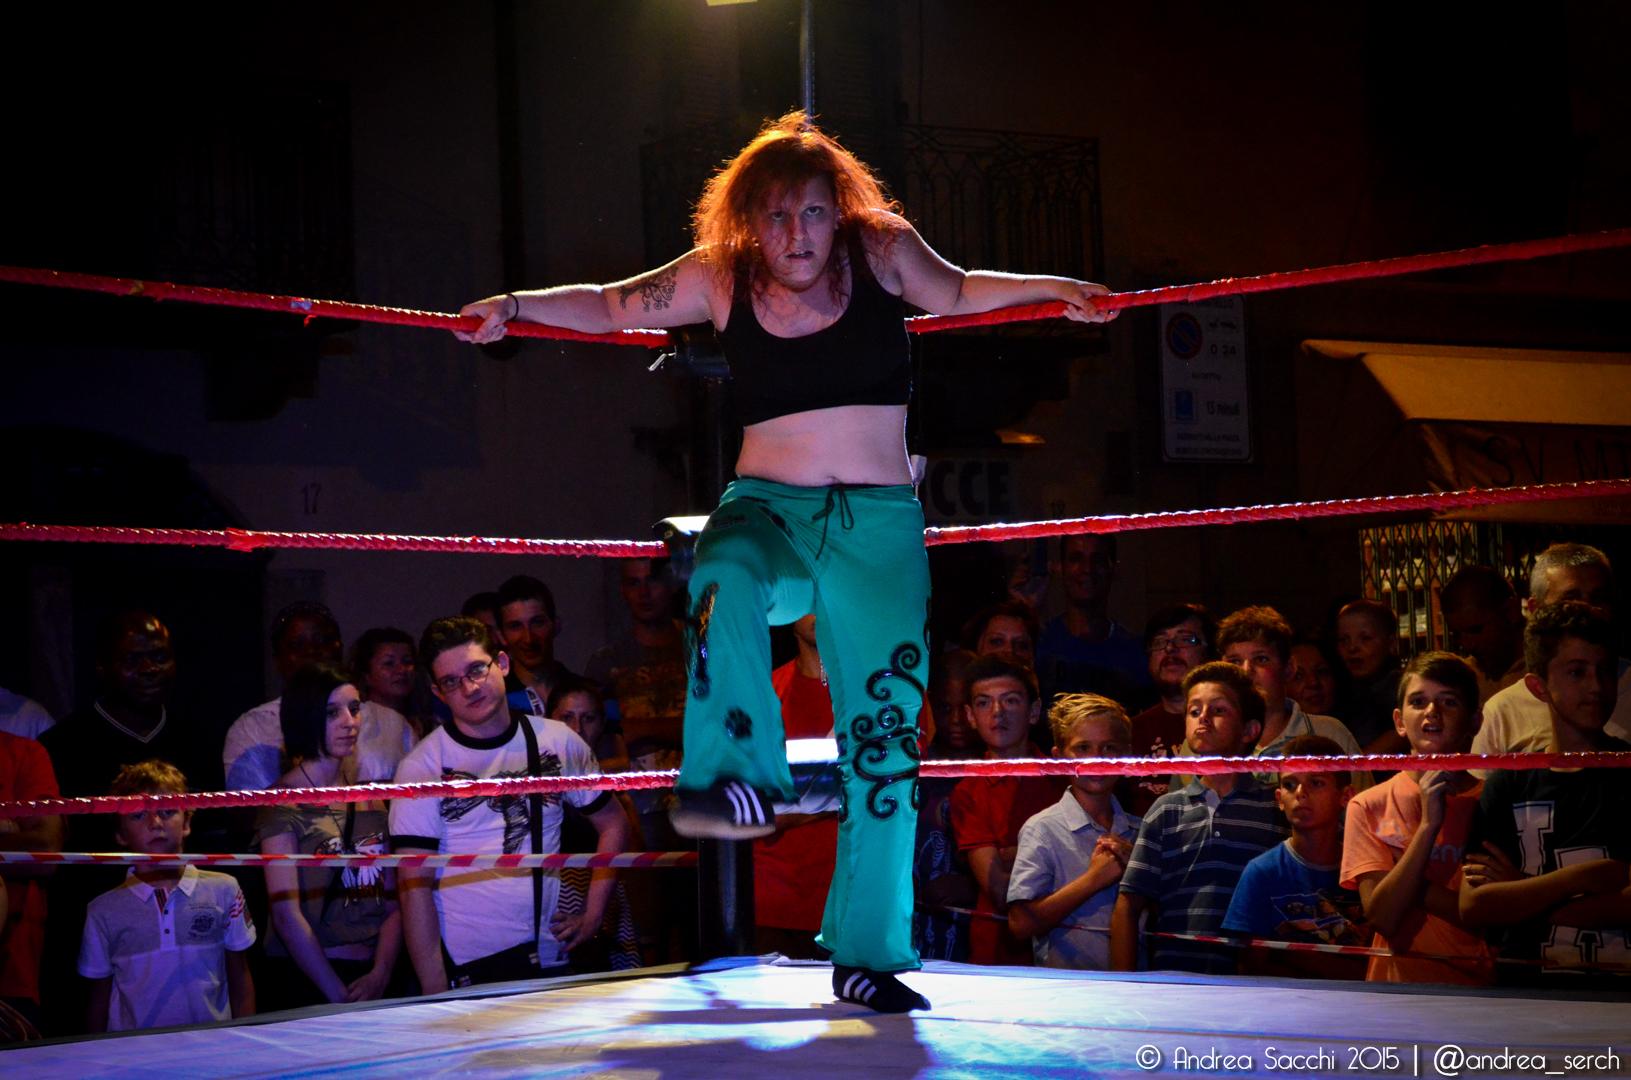 Irene, con la sua ritrovata sicurezza, ha lanciato una sfida aperta alla Regina del Ring, Queen Maya